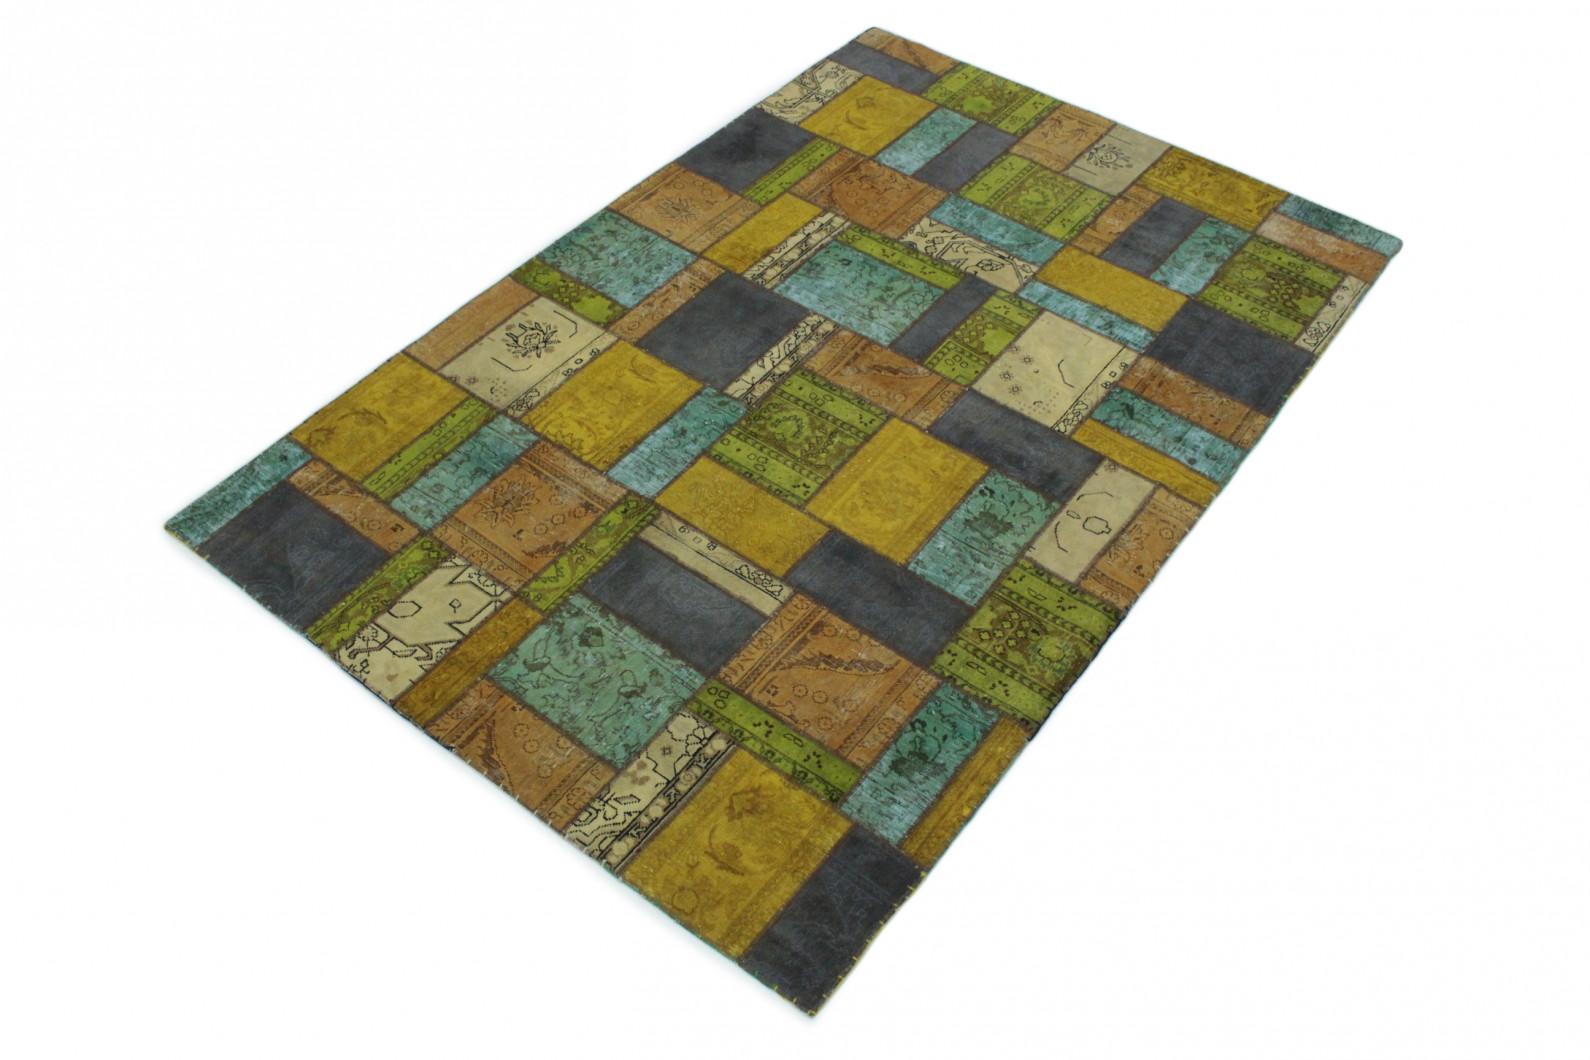 ... Patchwork Teppich Gold Beige Türkis Blau In 300x200 (1/5) ...